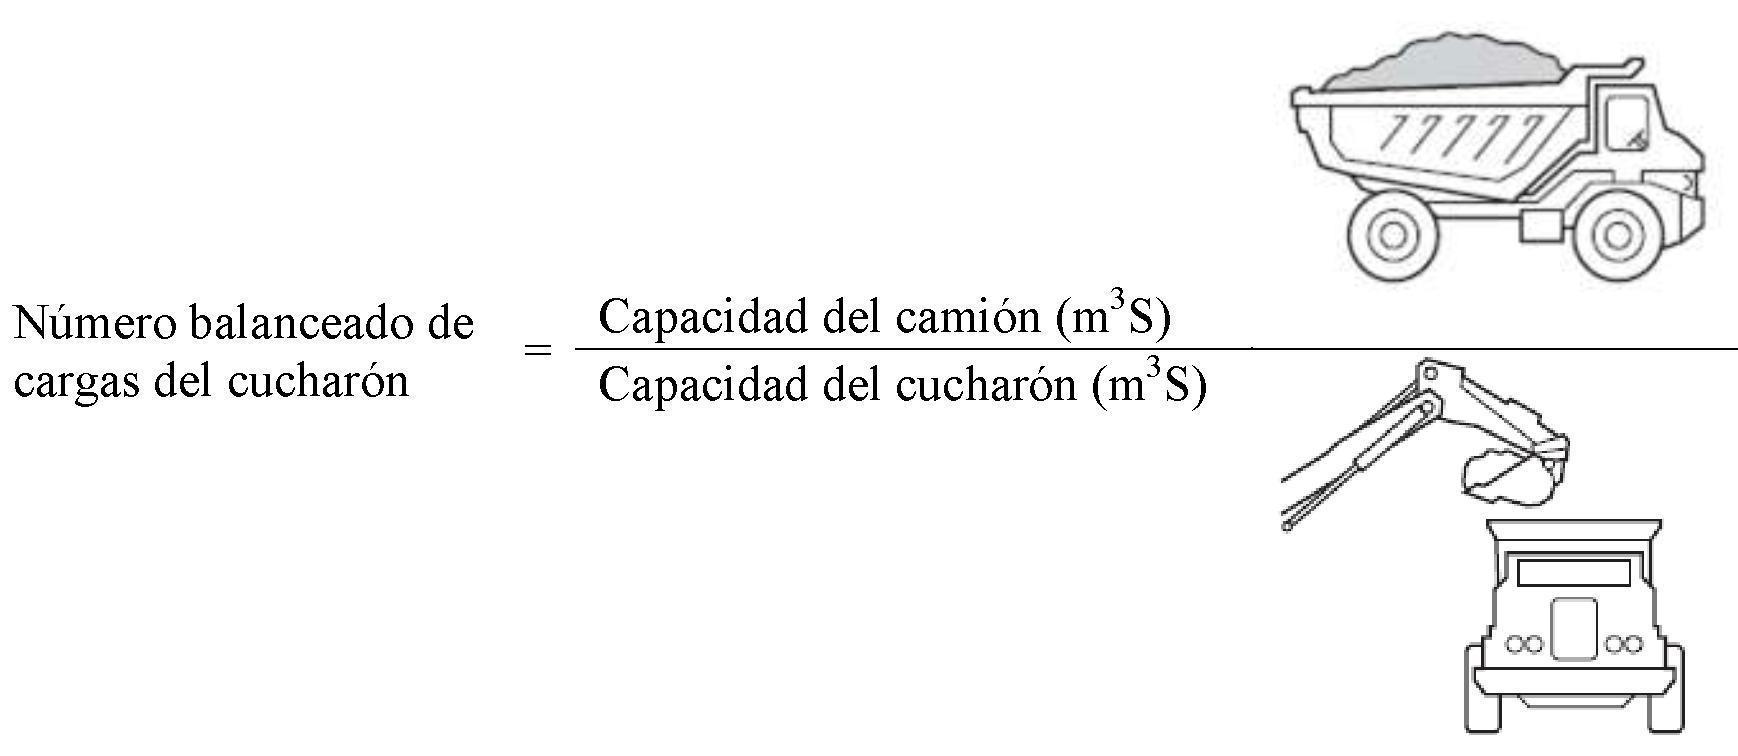 13 numero de cargas del cucharon - ecuacion 9.1